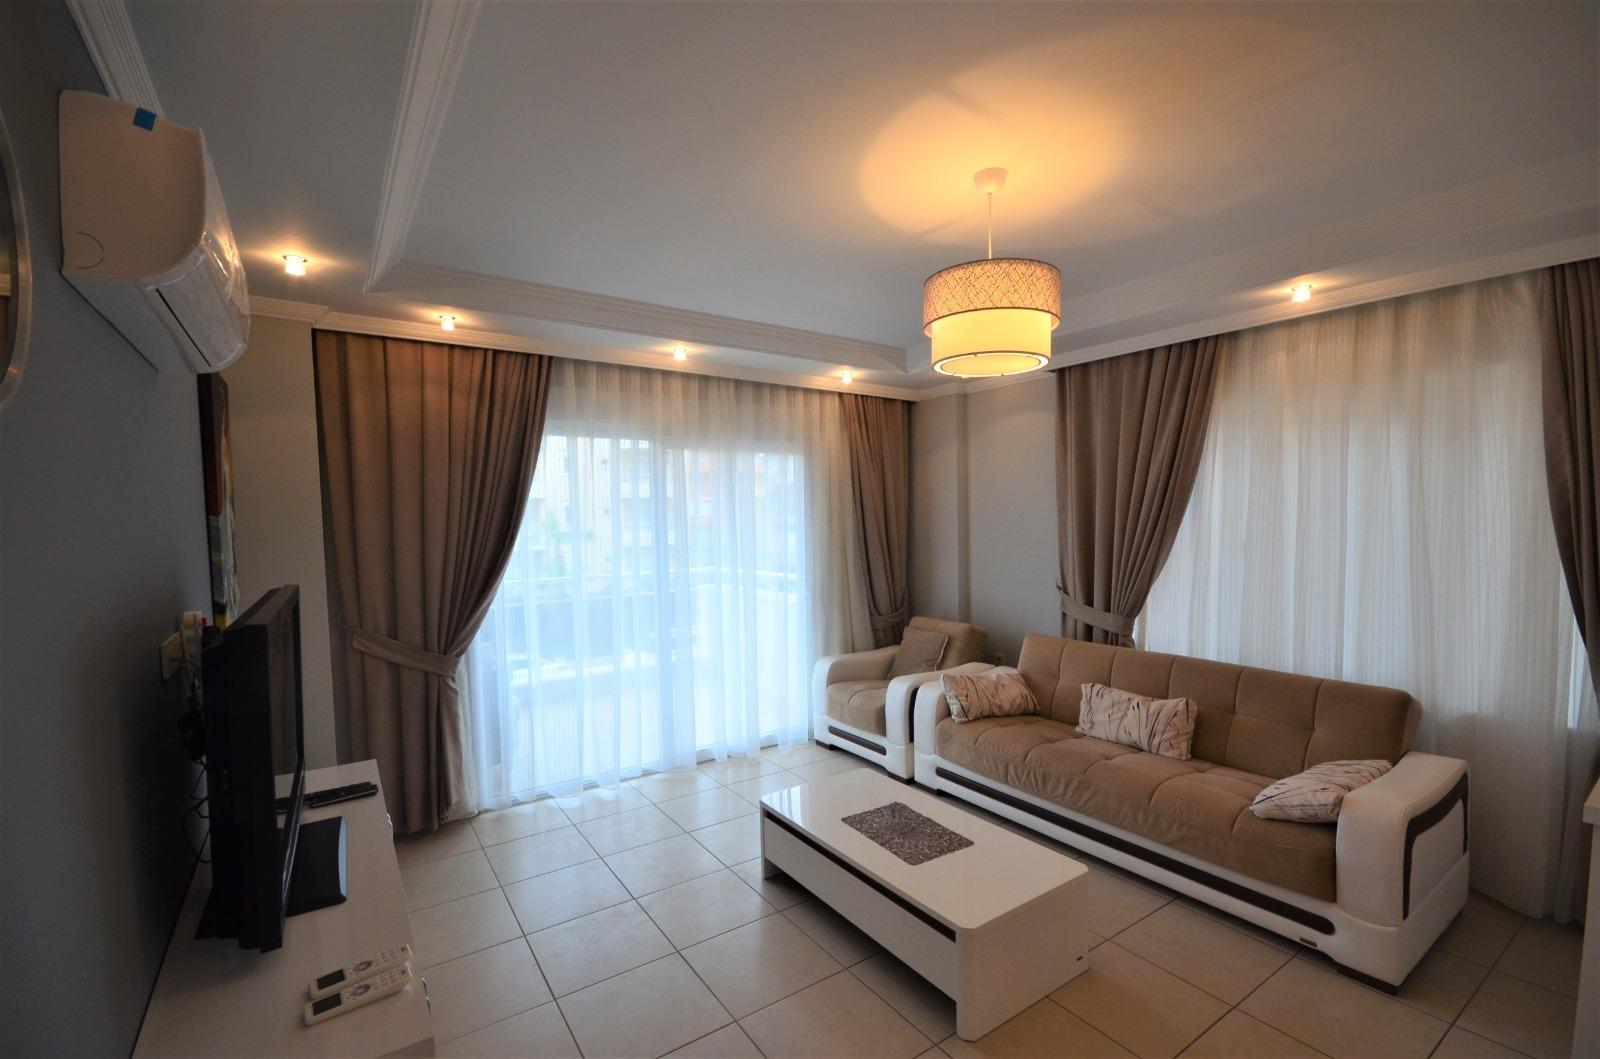 Двухкомнатная квартира с мебелью и бытовой техникой в районе Тосмур - Фото 8